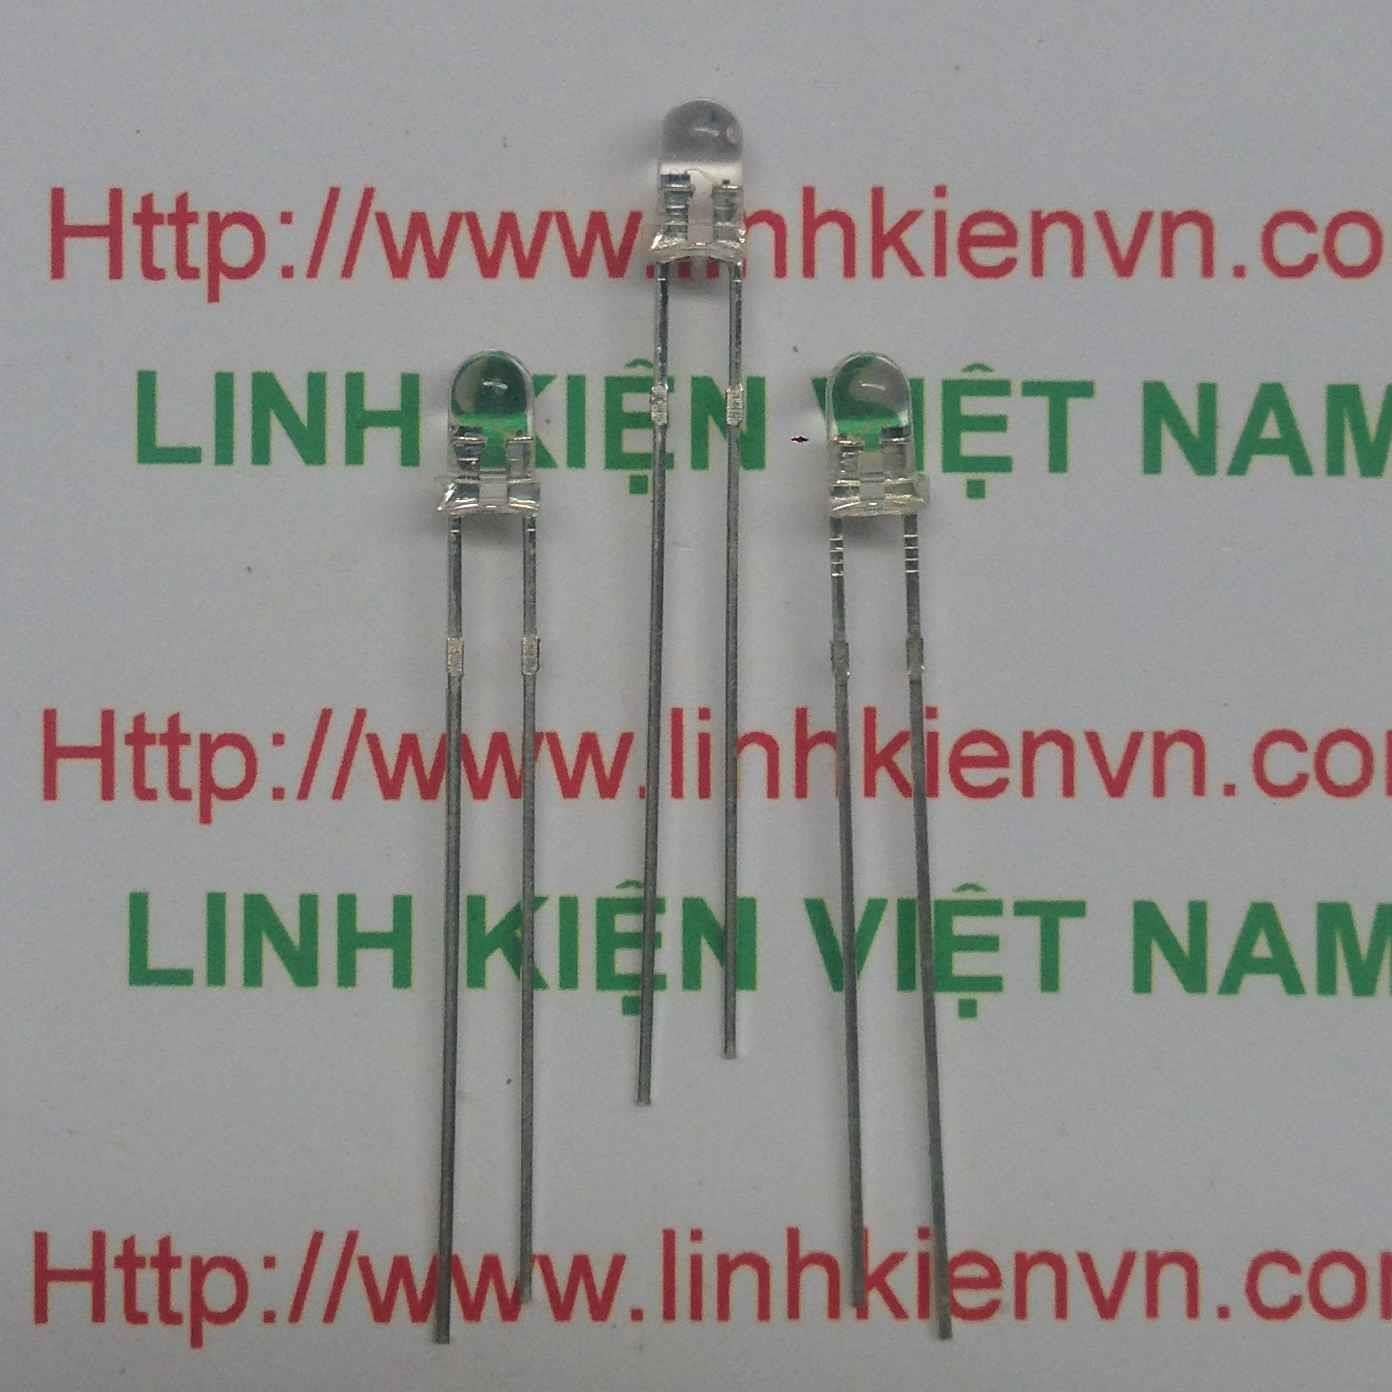 Led siêu sáng 7 màu 3mm - A3H3